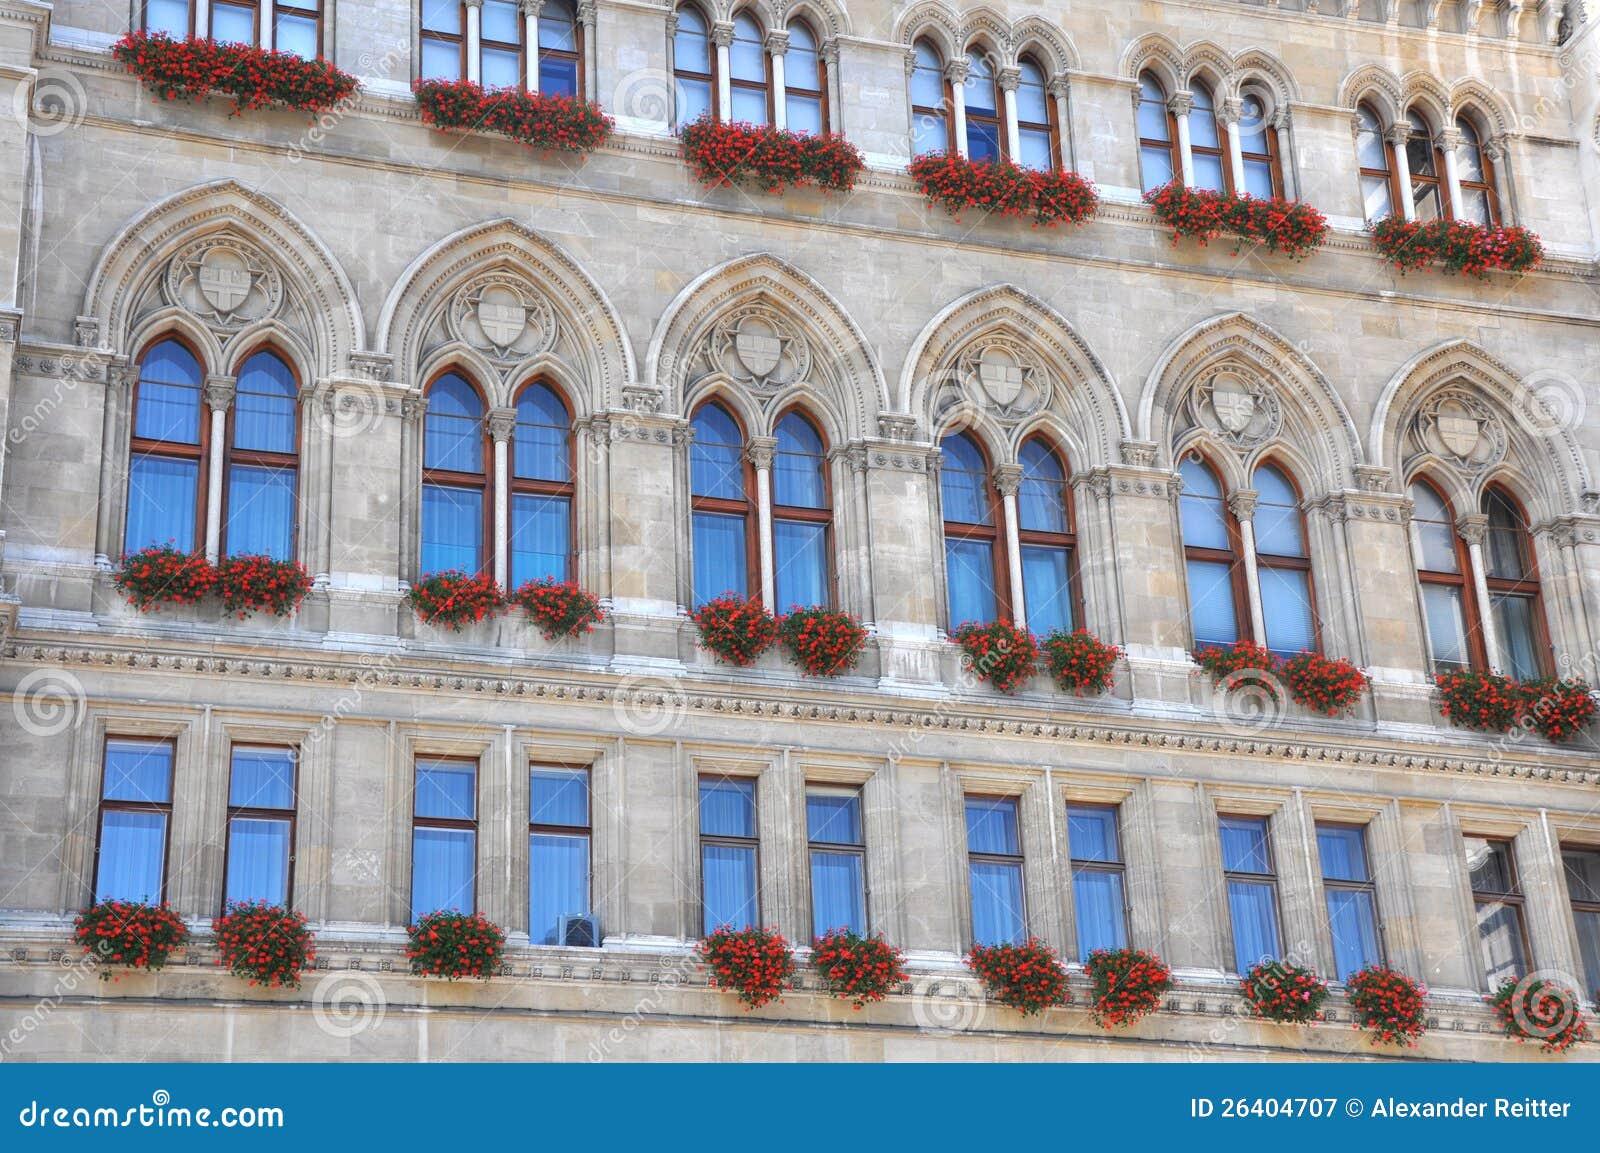 Gotische Fassade von Rathaus in Wien